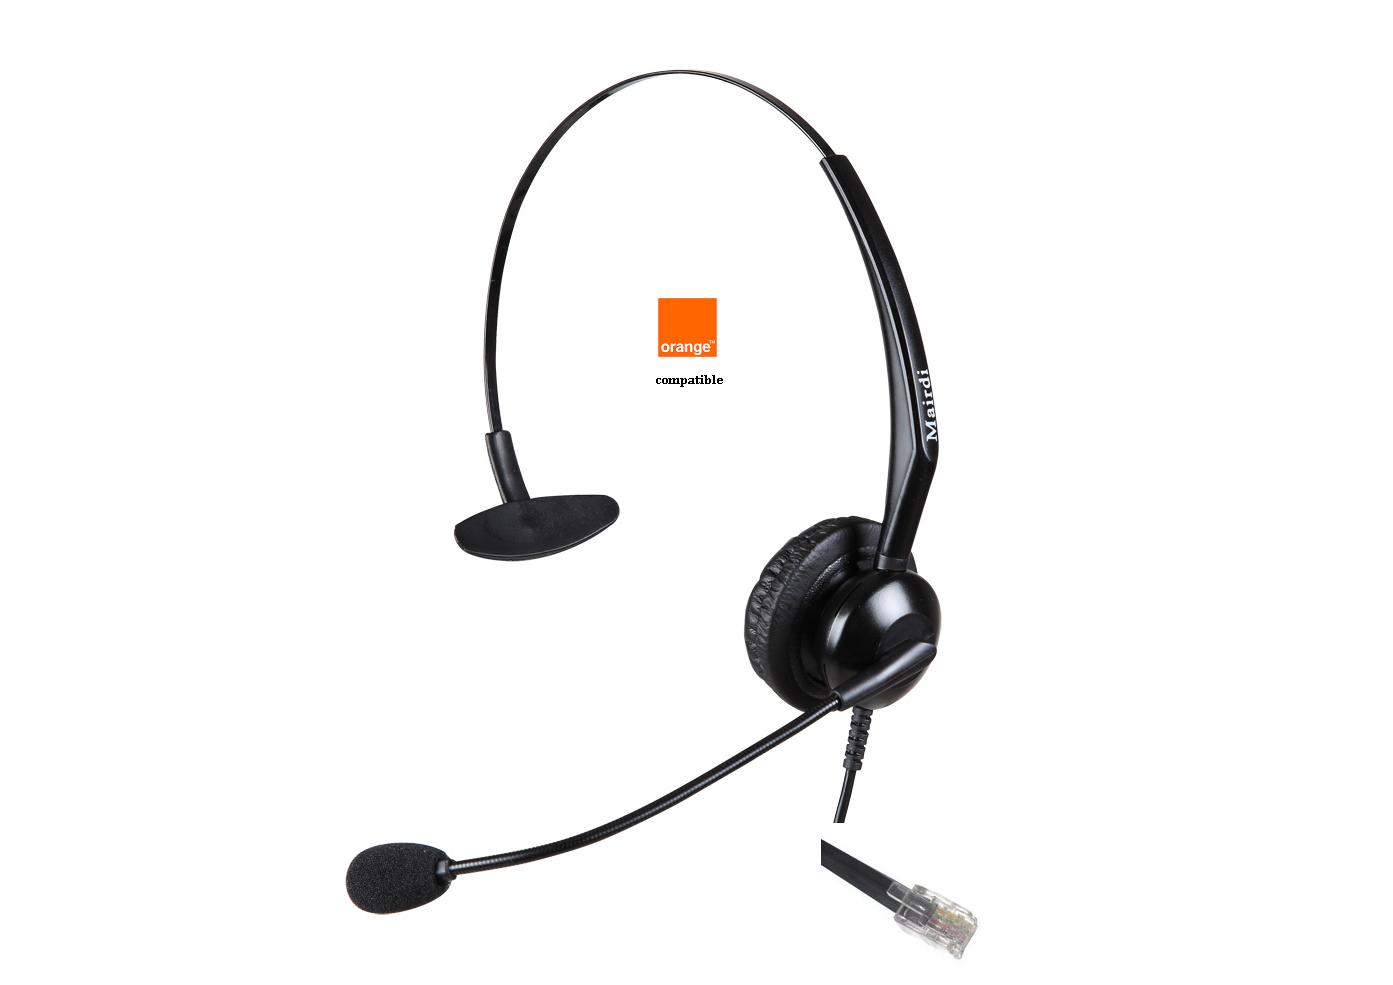 -Cascos Específicos para Telefonos GSM Orange serie 500/700/700